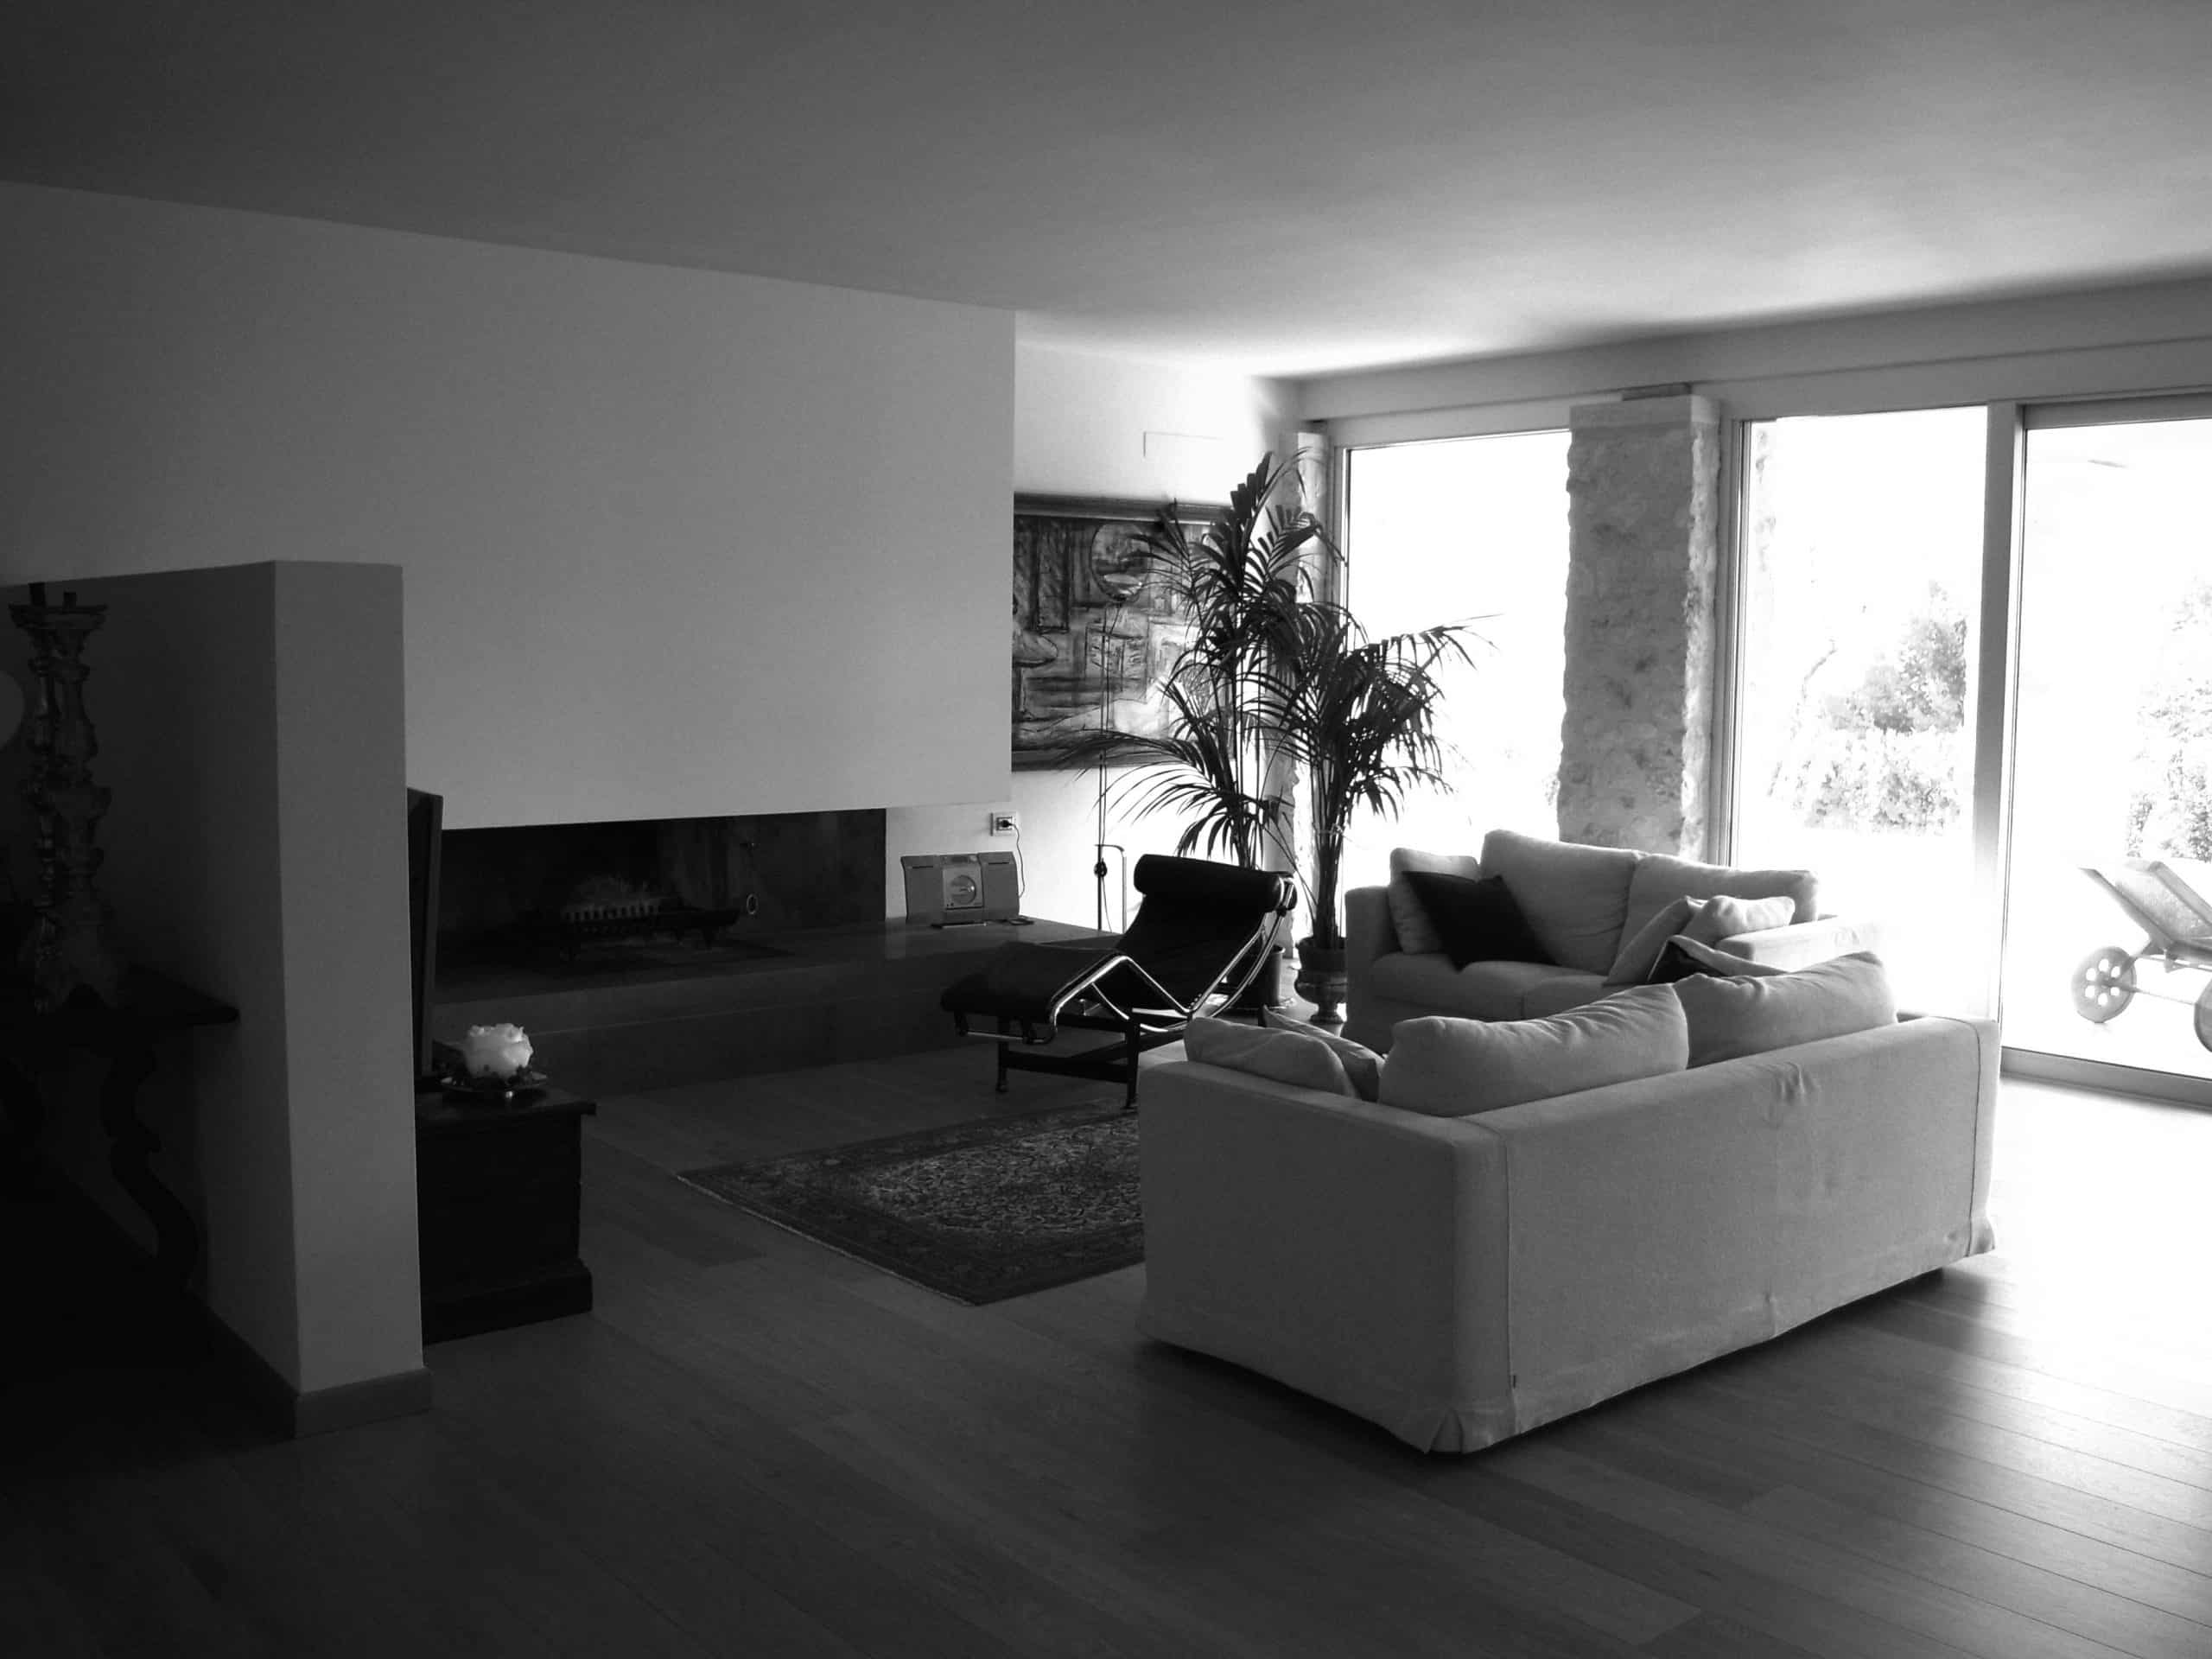 20 - Casa Scota sul colle di San Tommaso, Spoleto (PG) - Vista interna